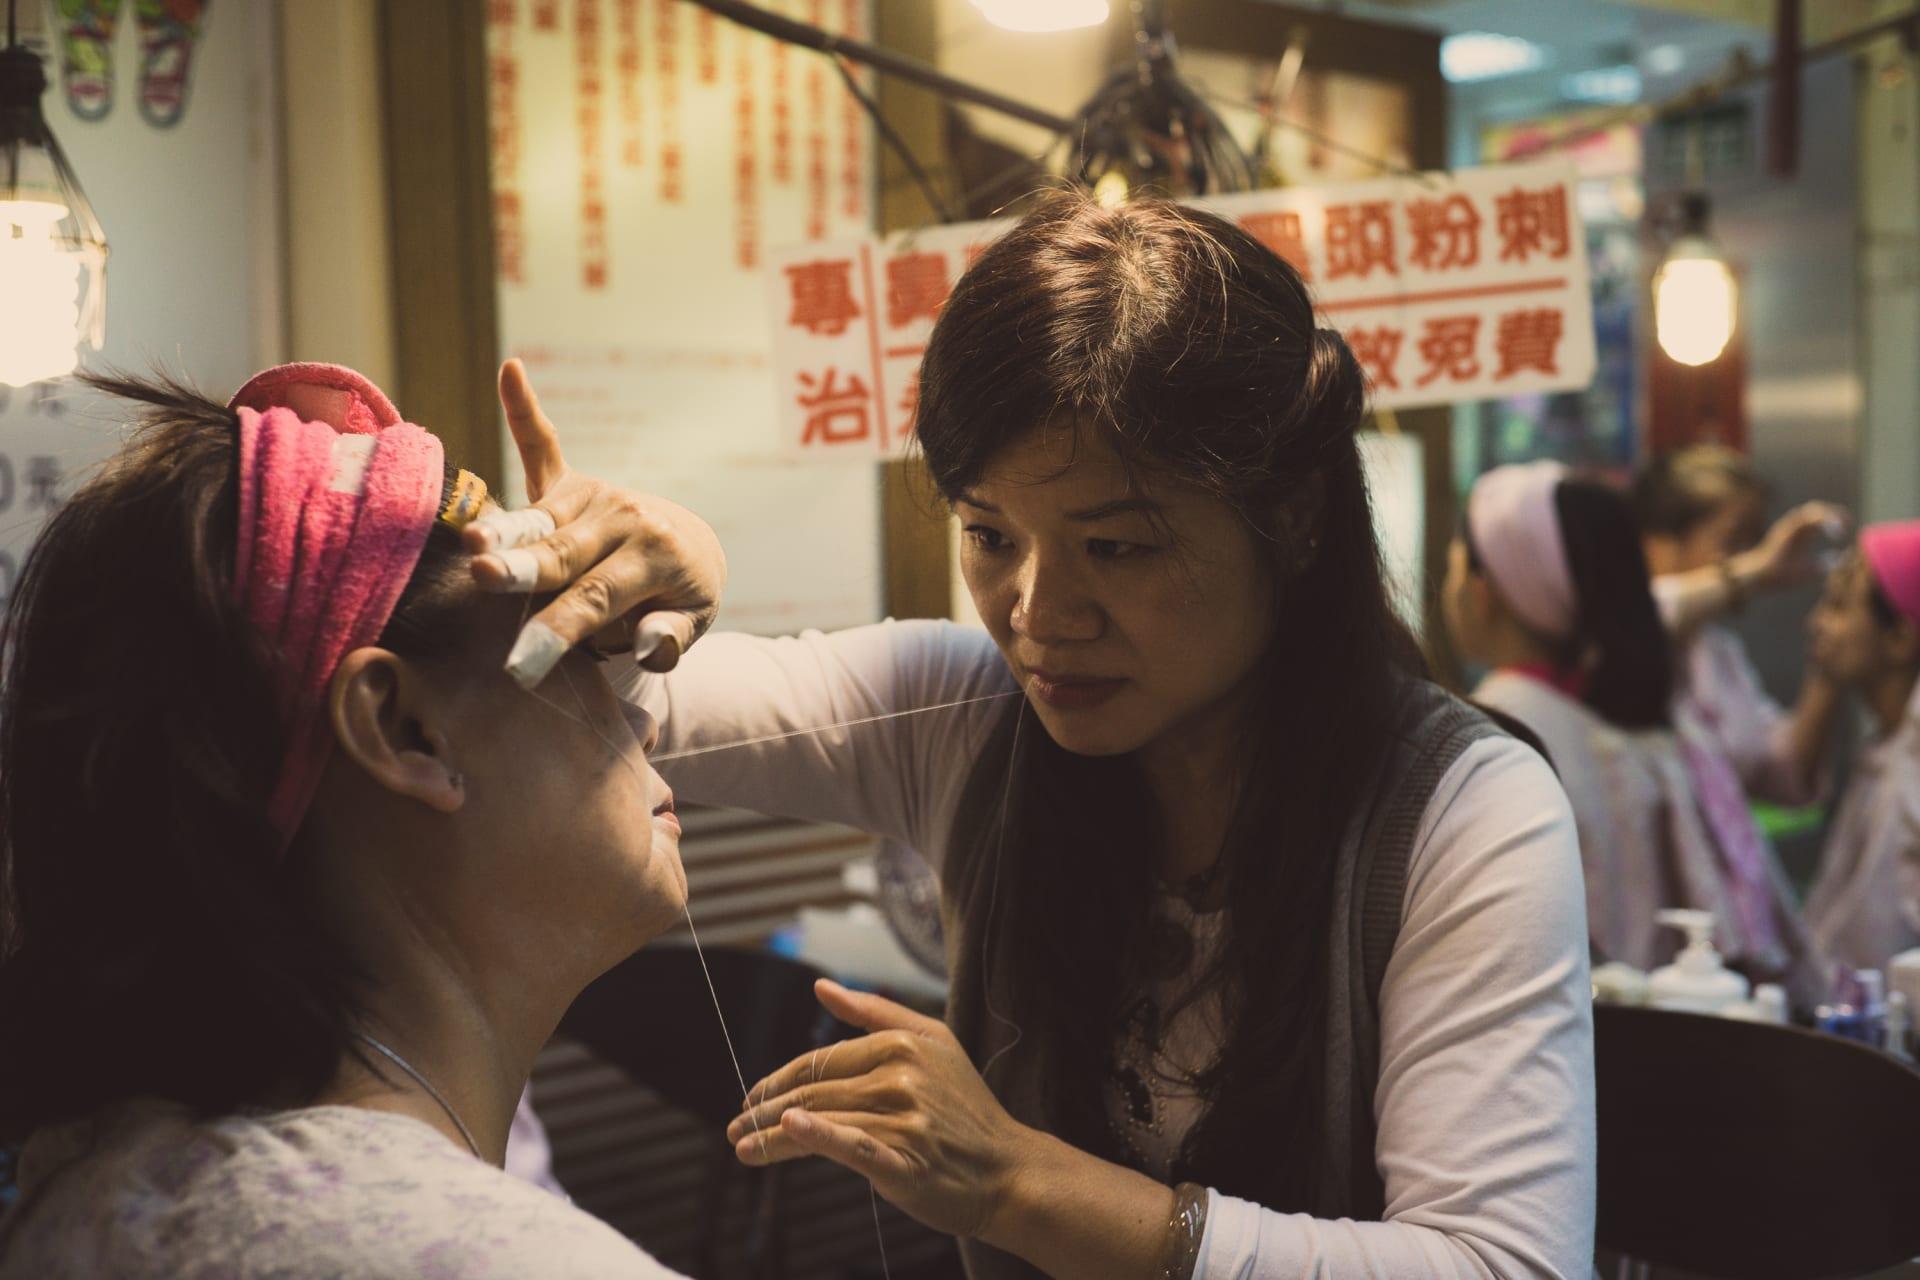 لماذا تضطر النساء لإزالة شعر أجسادهن الزائد